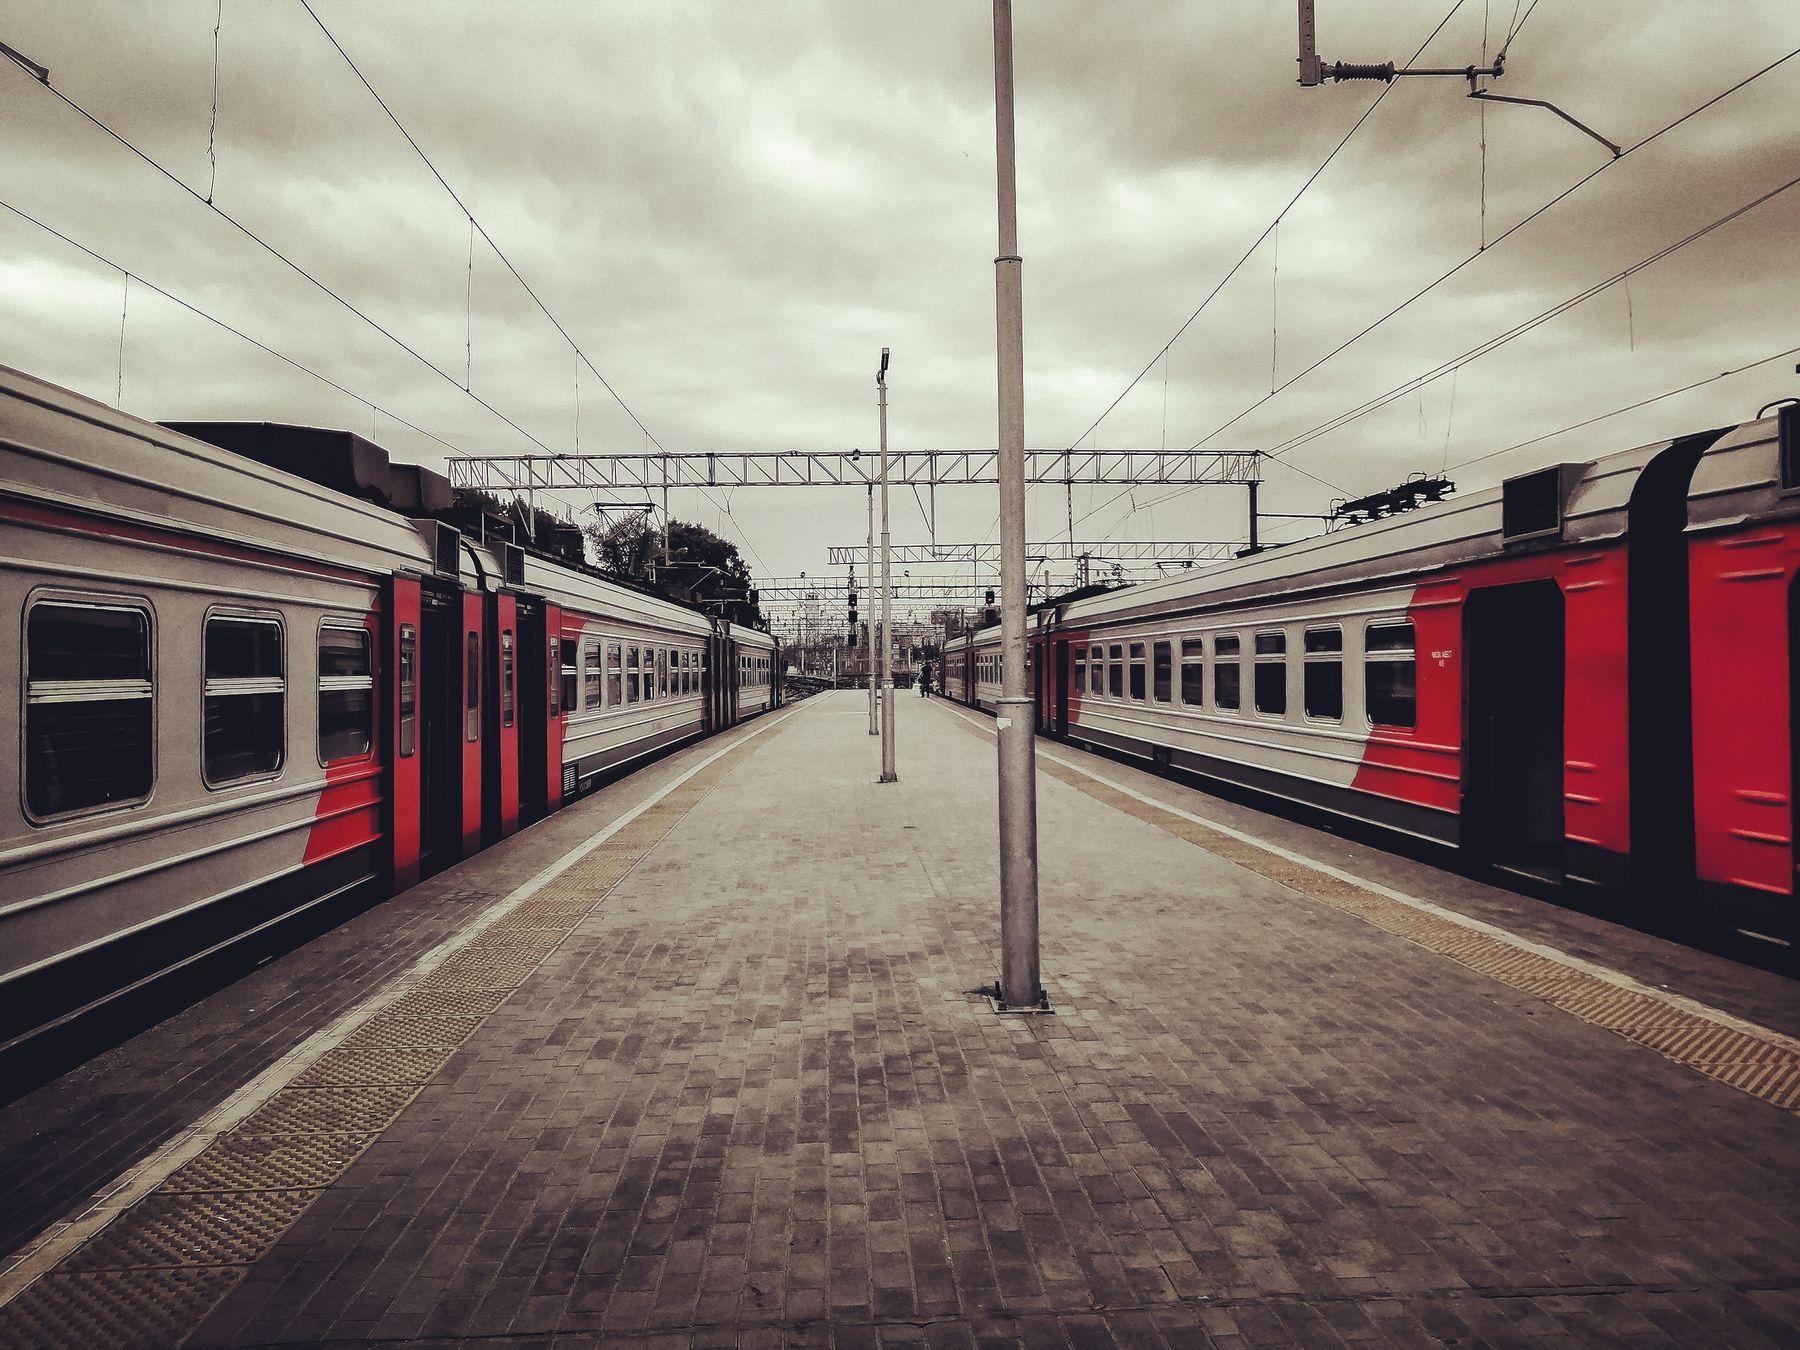 Station электричка поезд поезда станция